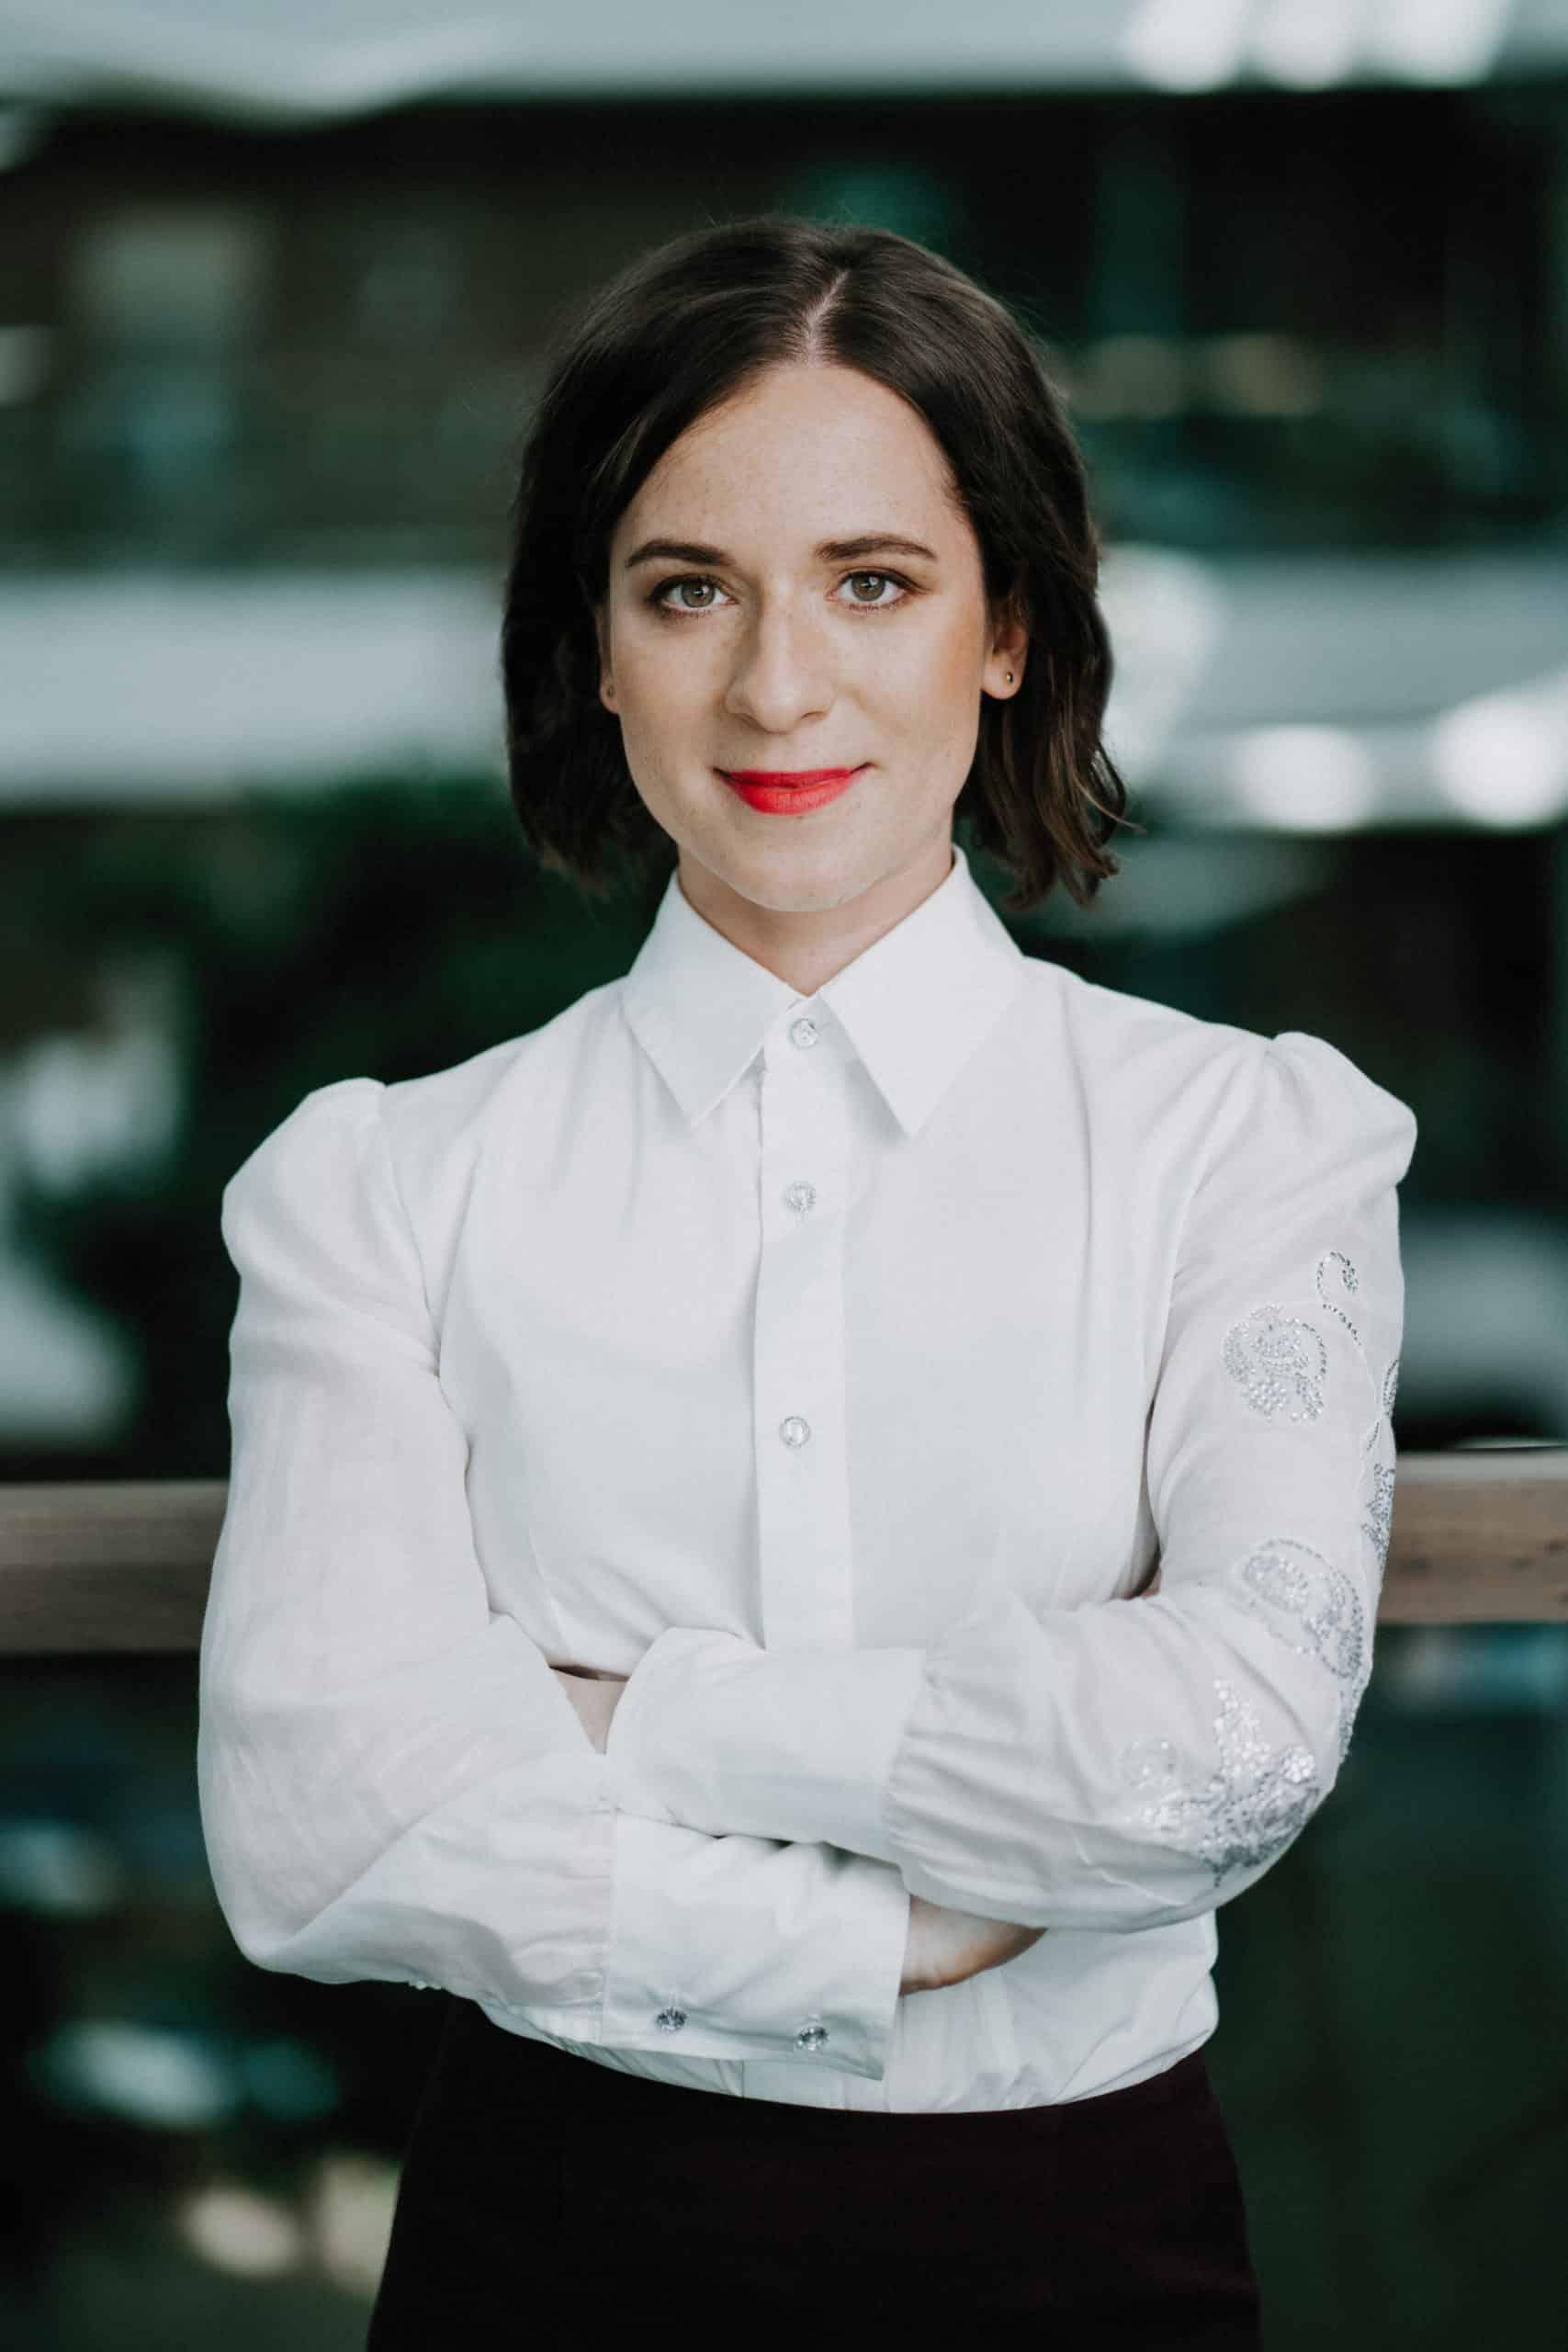 Radca prawny Katarzyna Bednarz